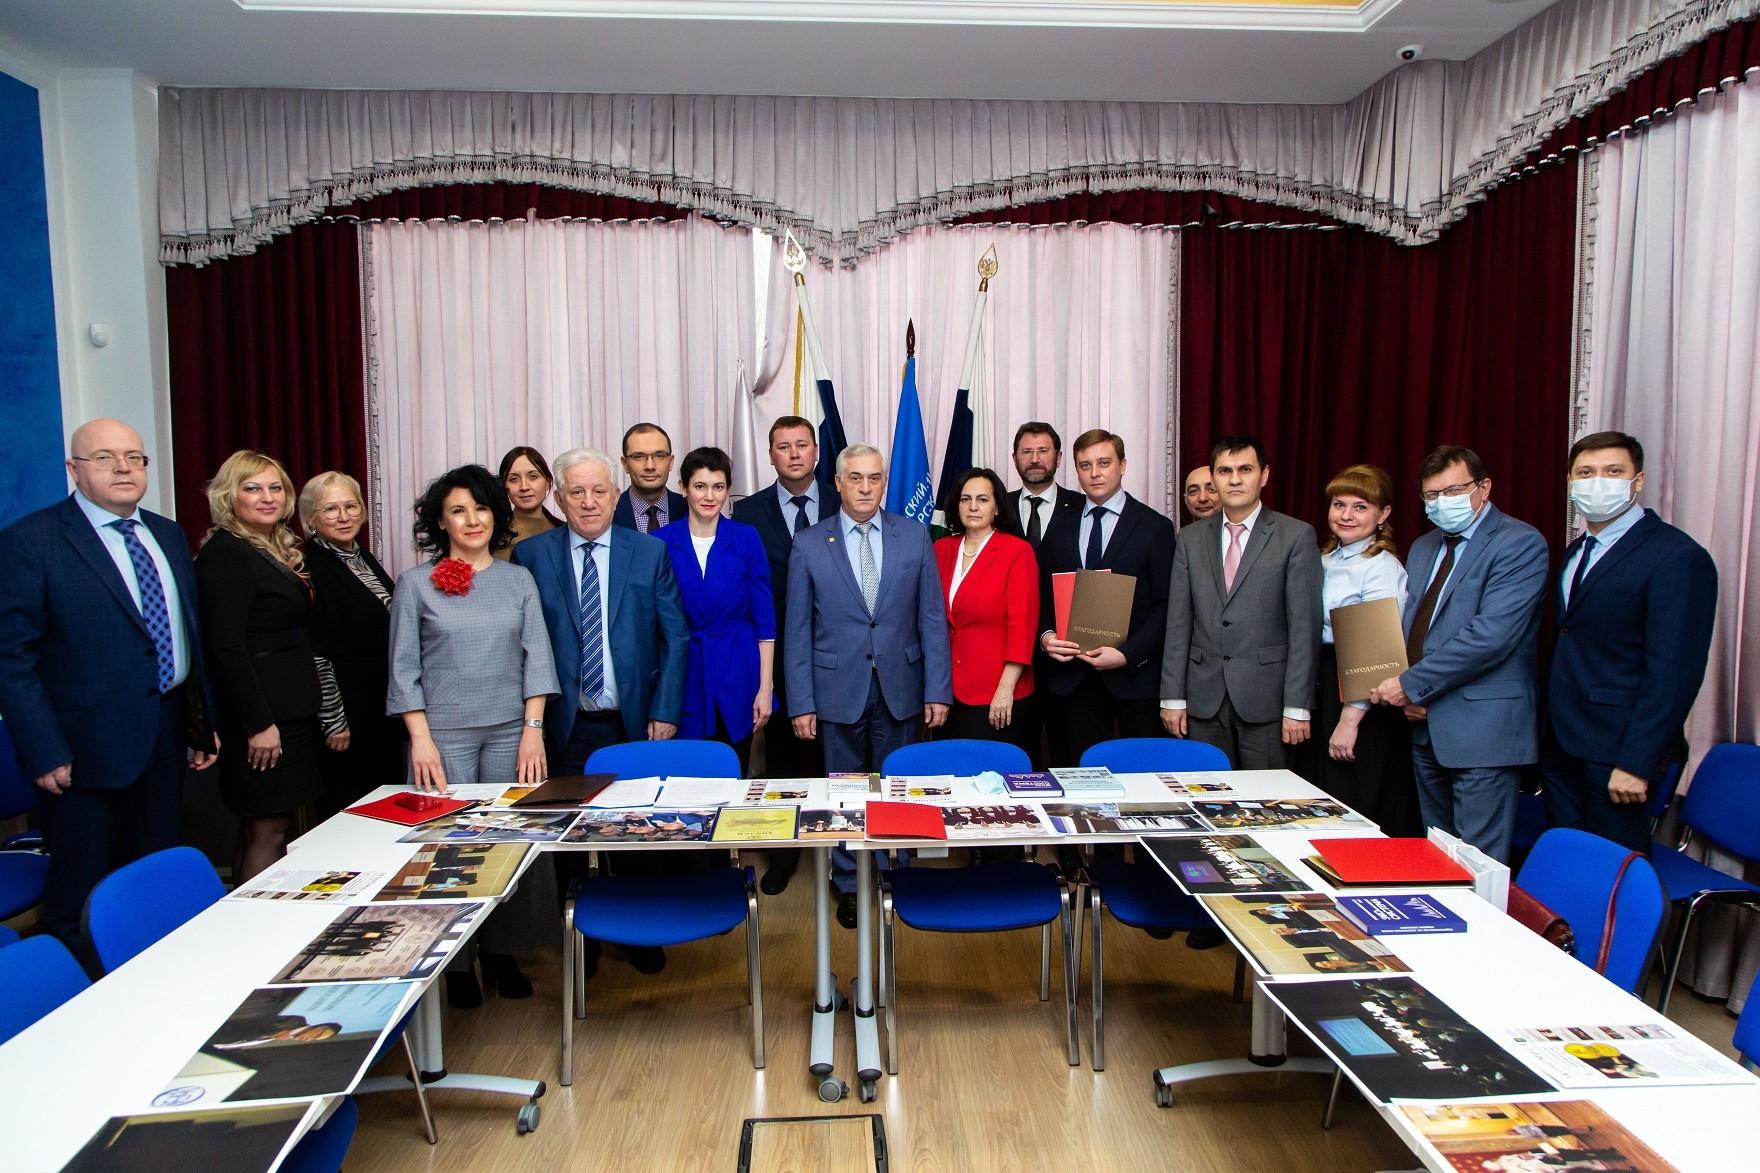 Уральское отделение ВЭО России служит во благо страны